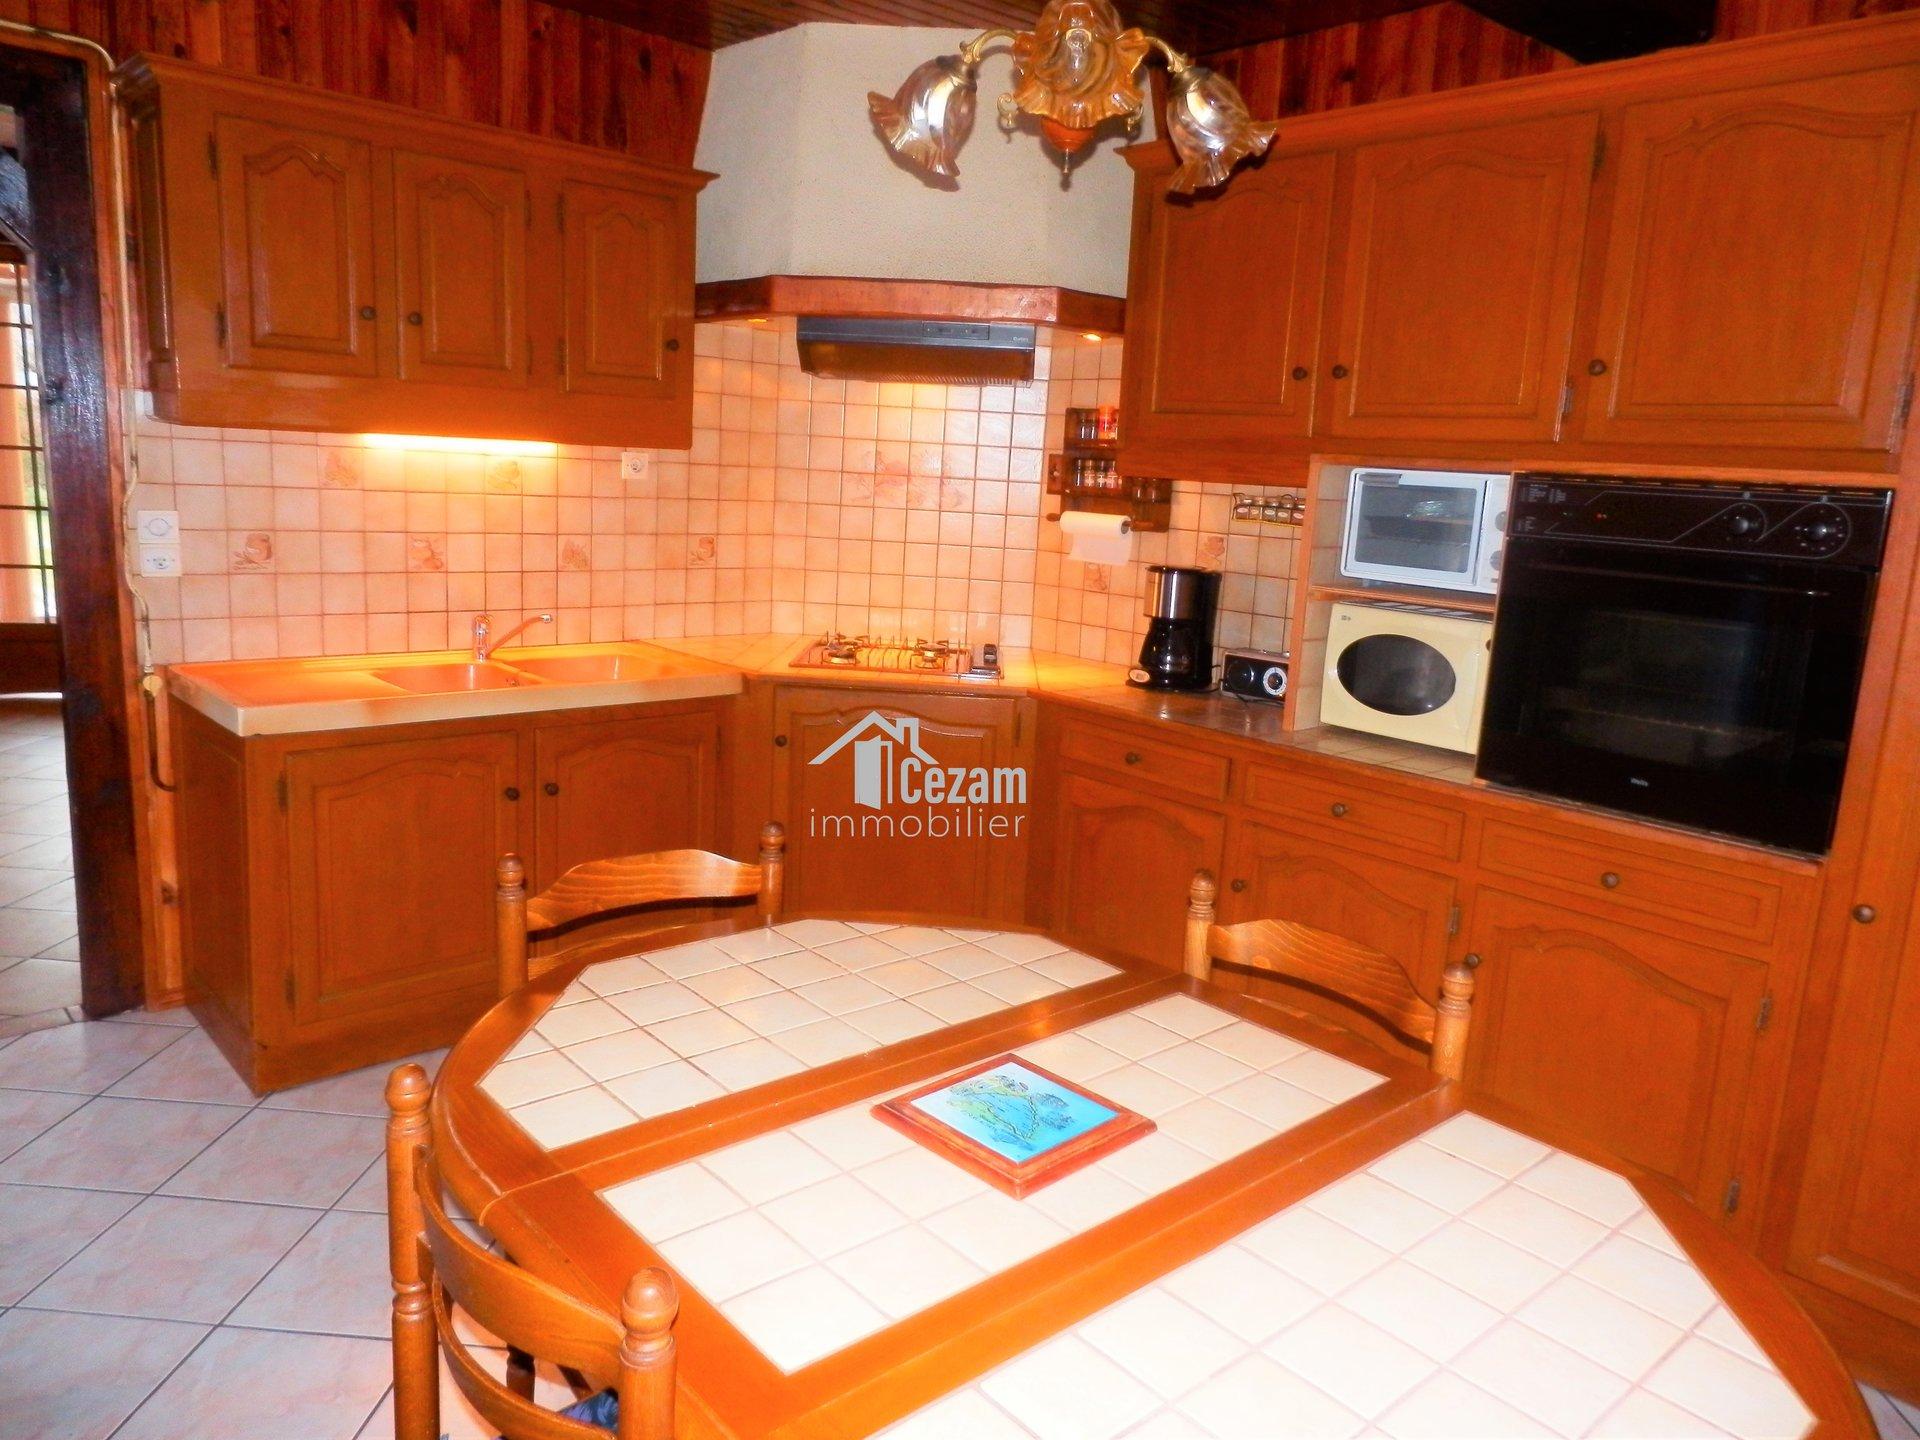 Maison à vendre à Louviers 27400, proche commodités